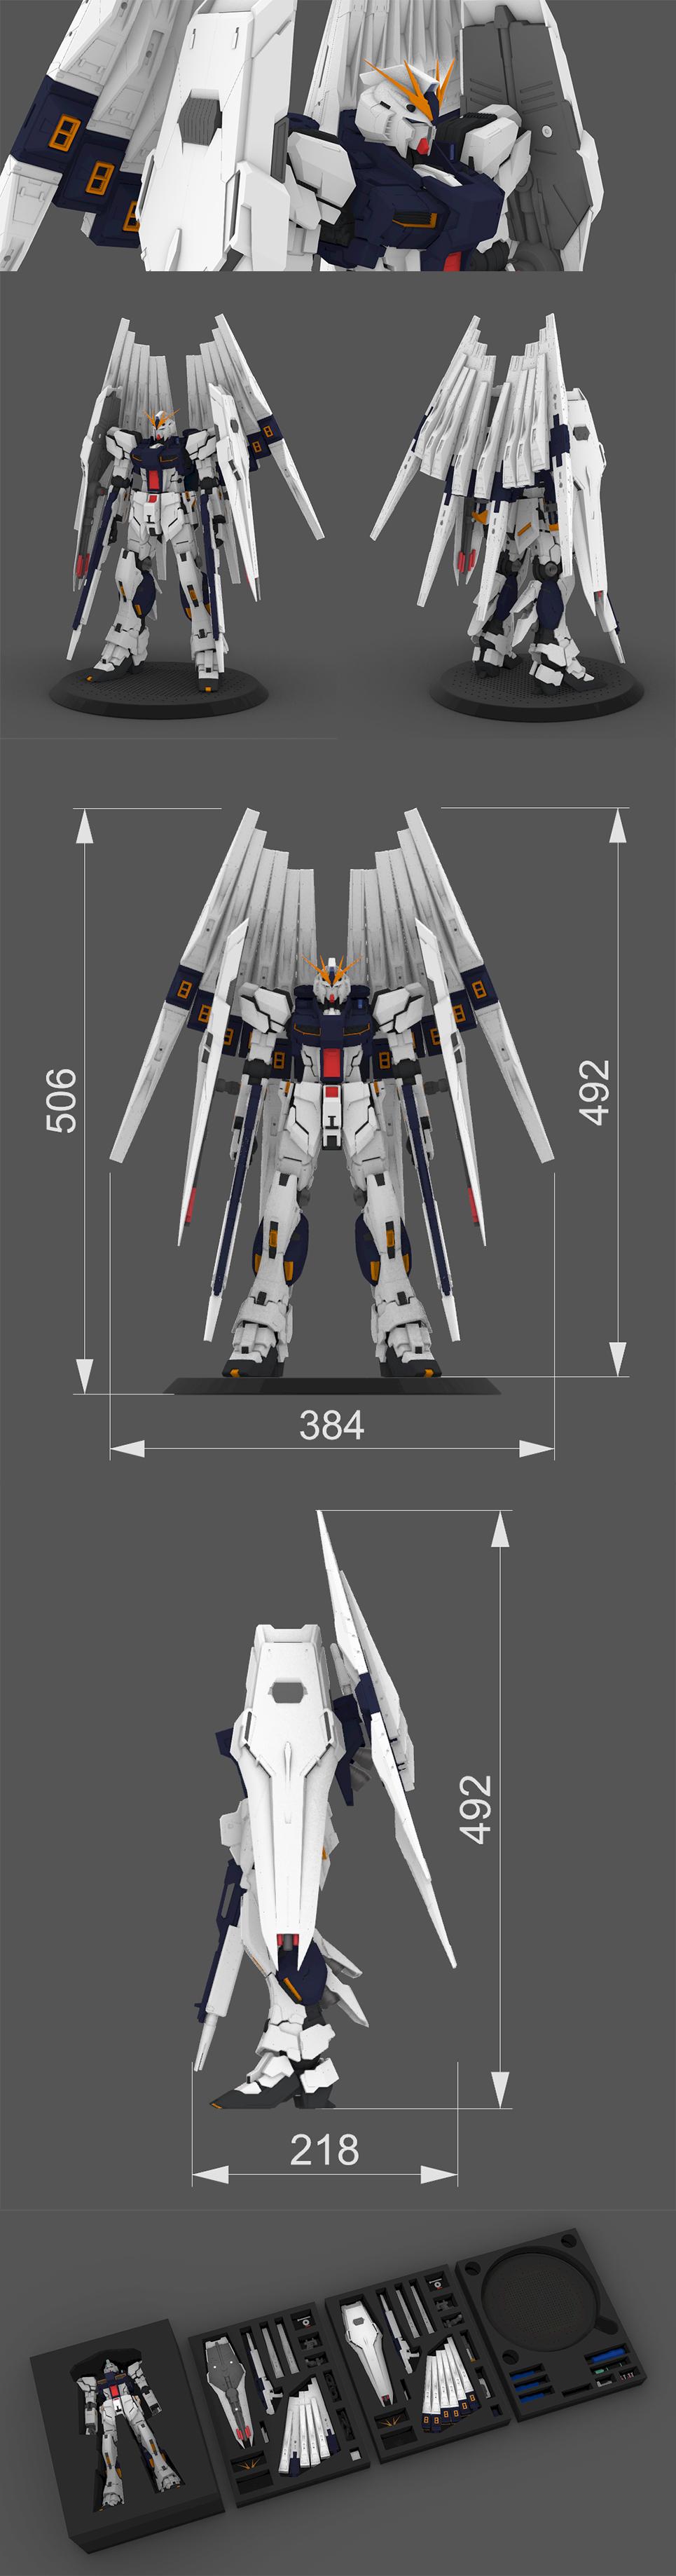 G351_1_60_nu_gundam_gk_011.jpg